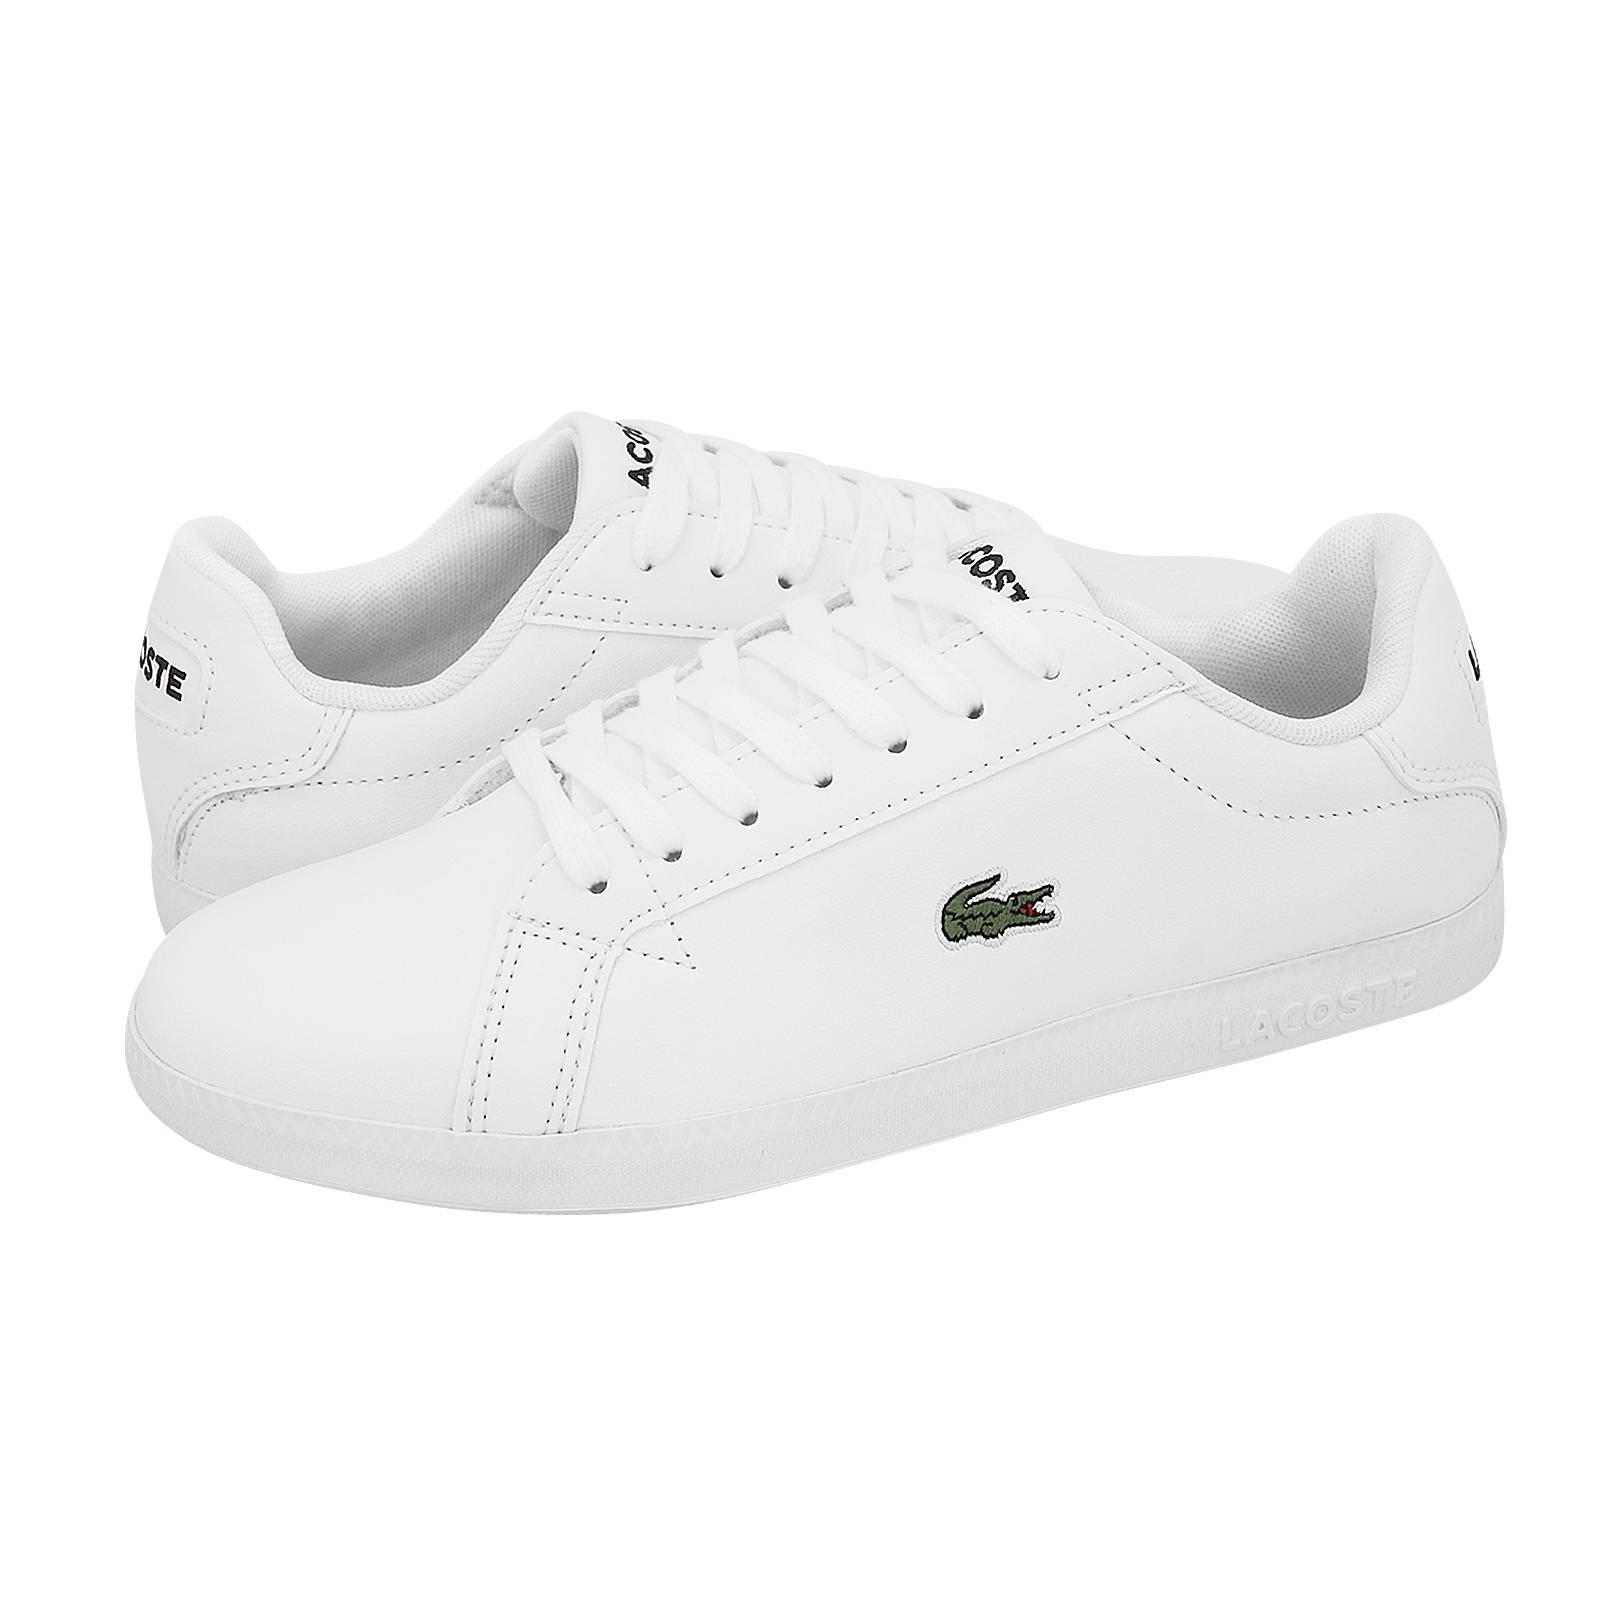 5680b48d73 Lacoste Graduate BL1 casual shoes